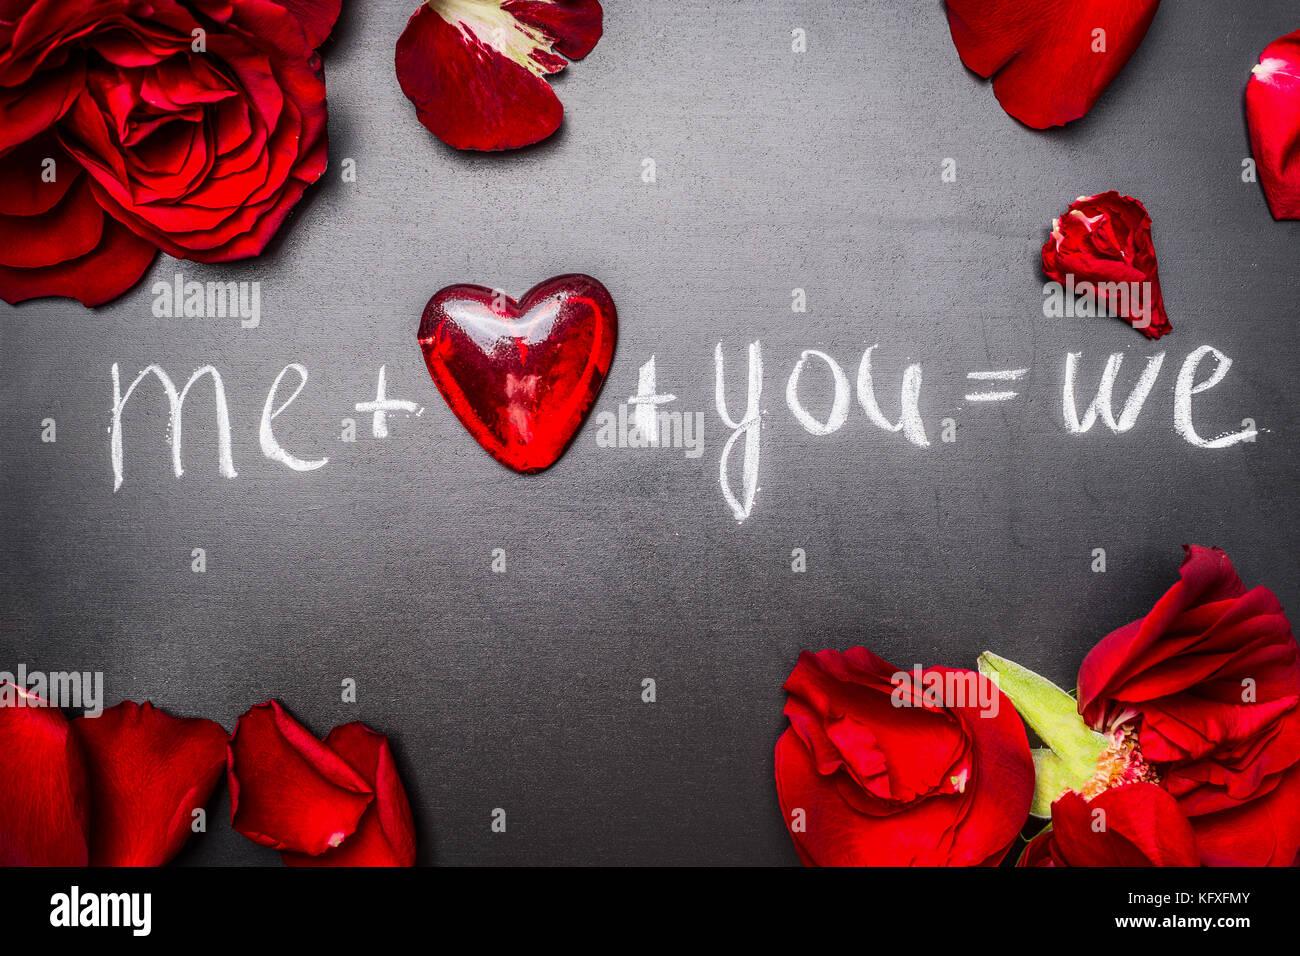 Schönen Valentinstag Karte Mit Roten Rosen Herzen Und Text Mich